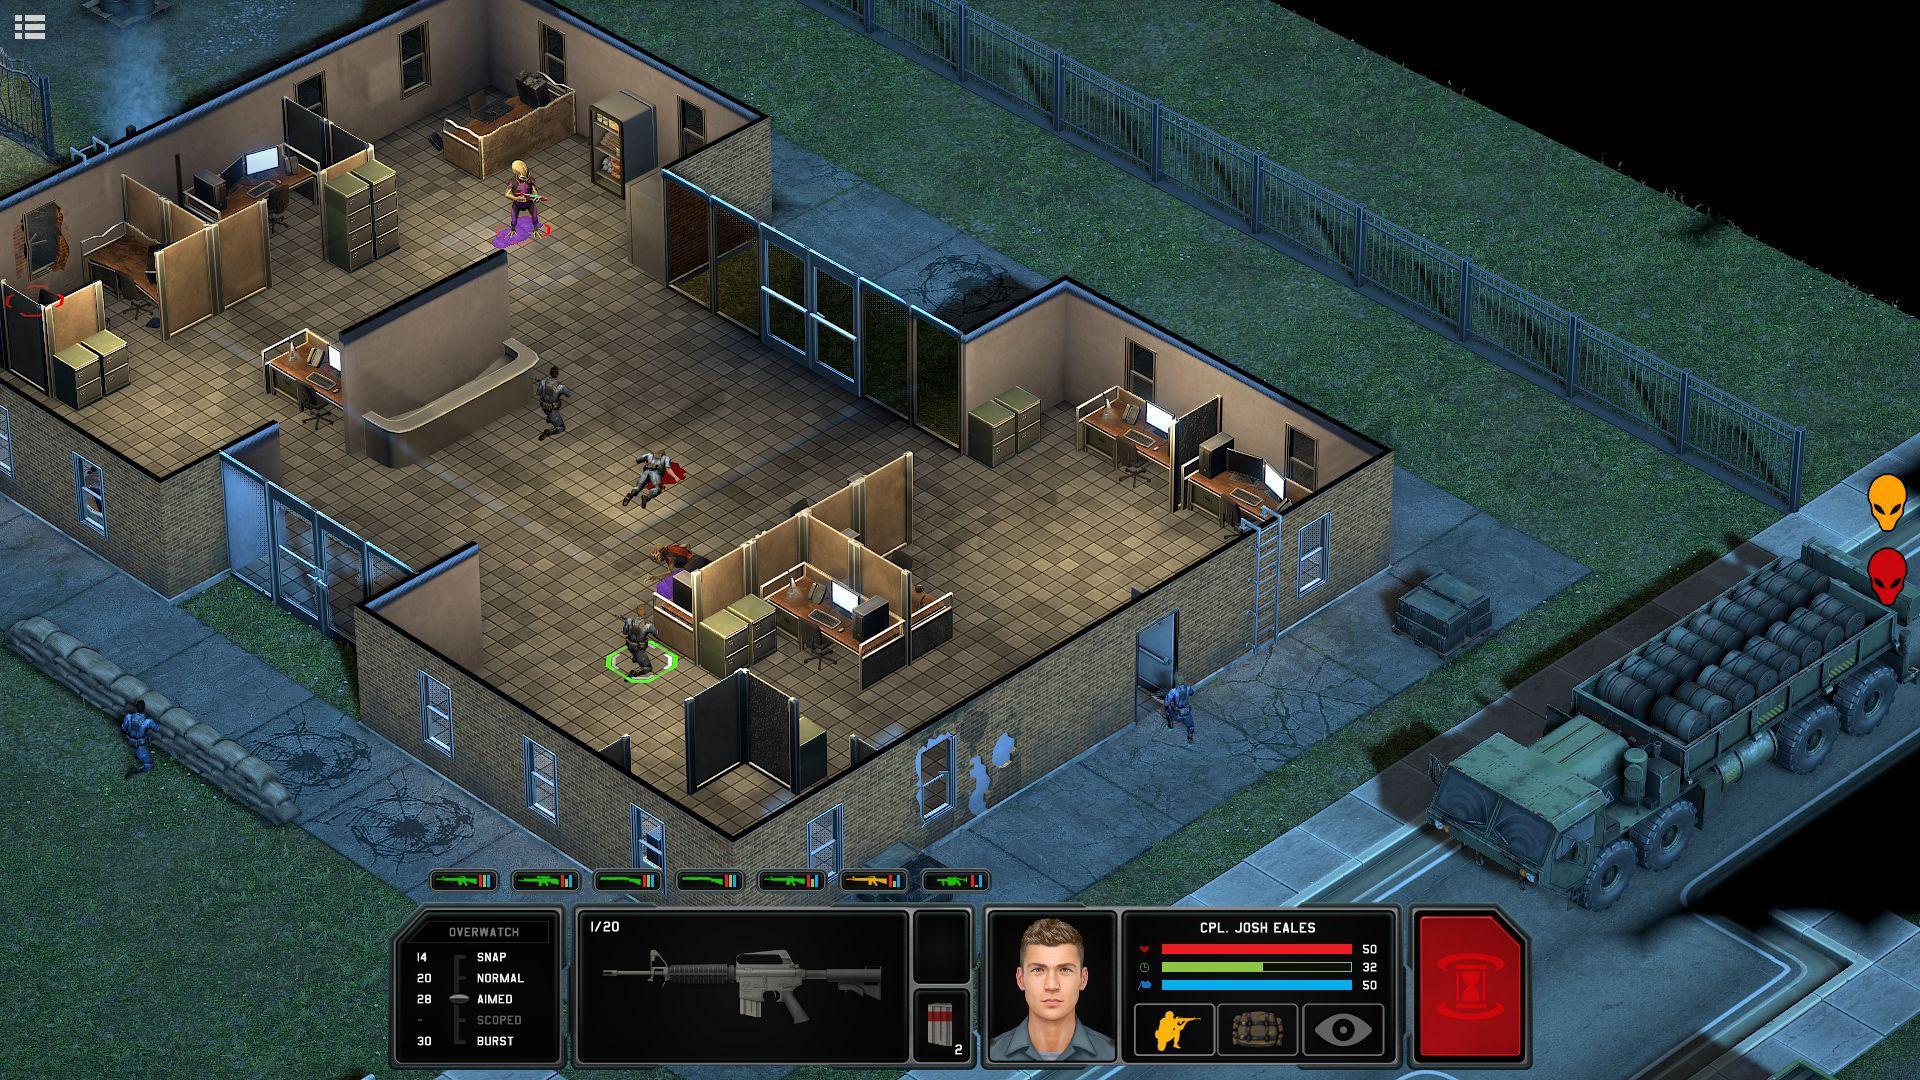 异种航员2 游戏截图